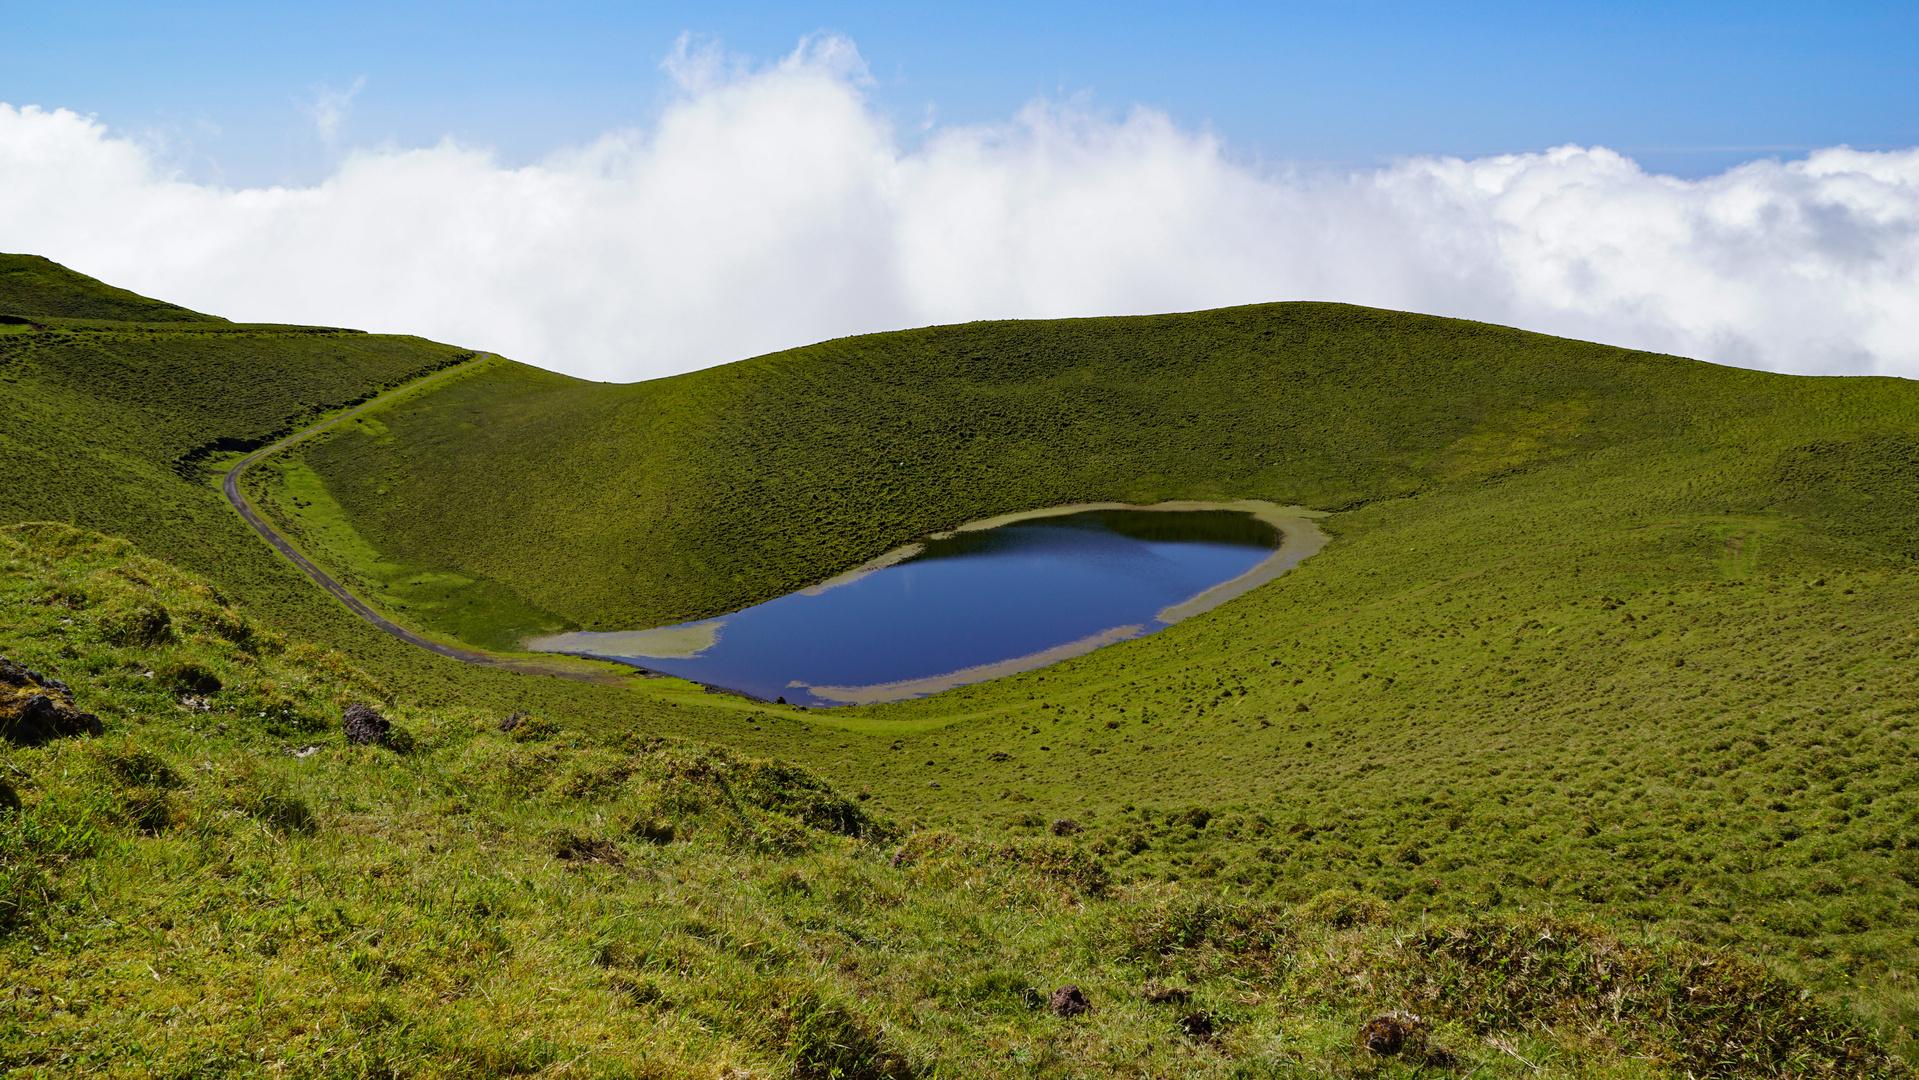 Kraterlandschaft auf Pico